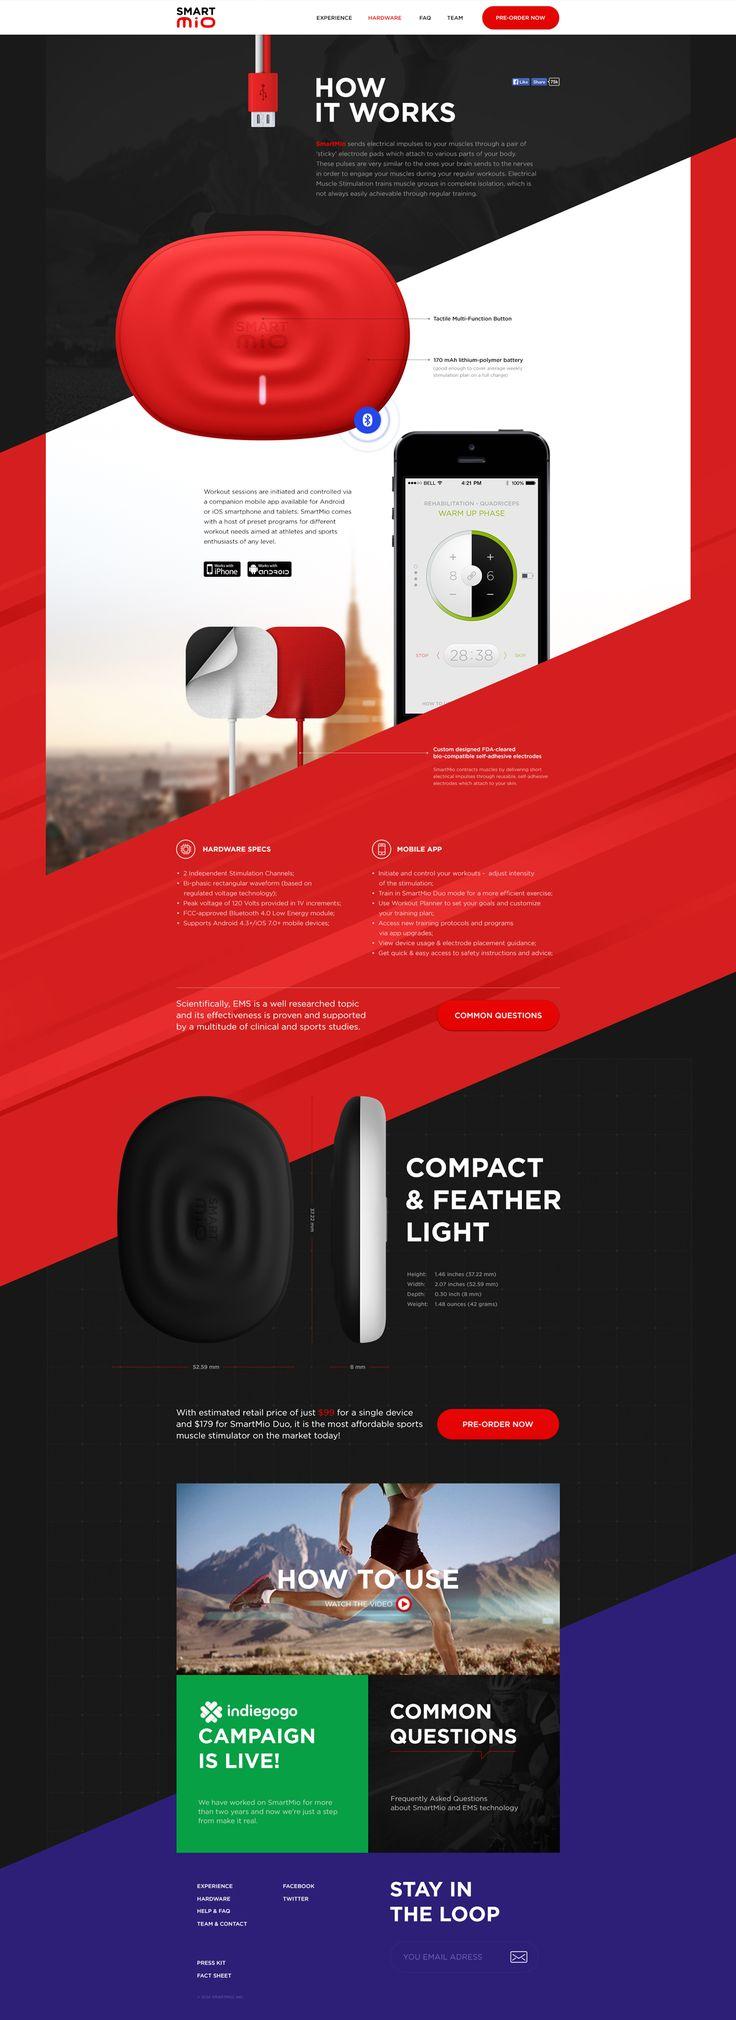 Unique Web Design, Smart Mio via @joanniecordeau #WebDesign #Design